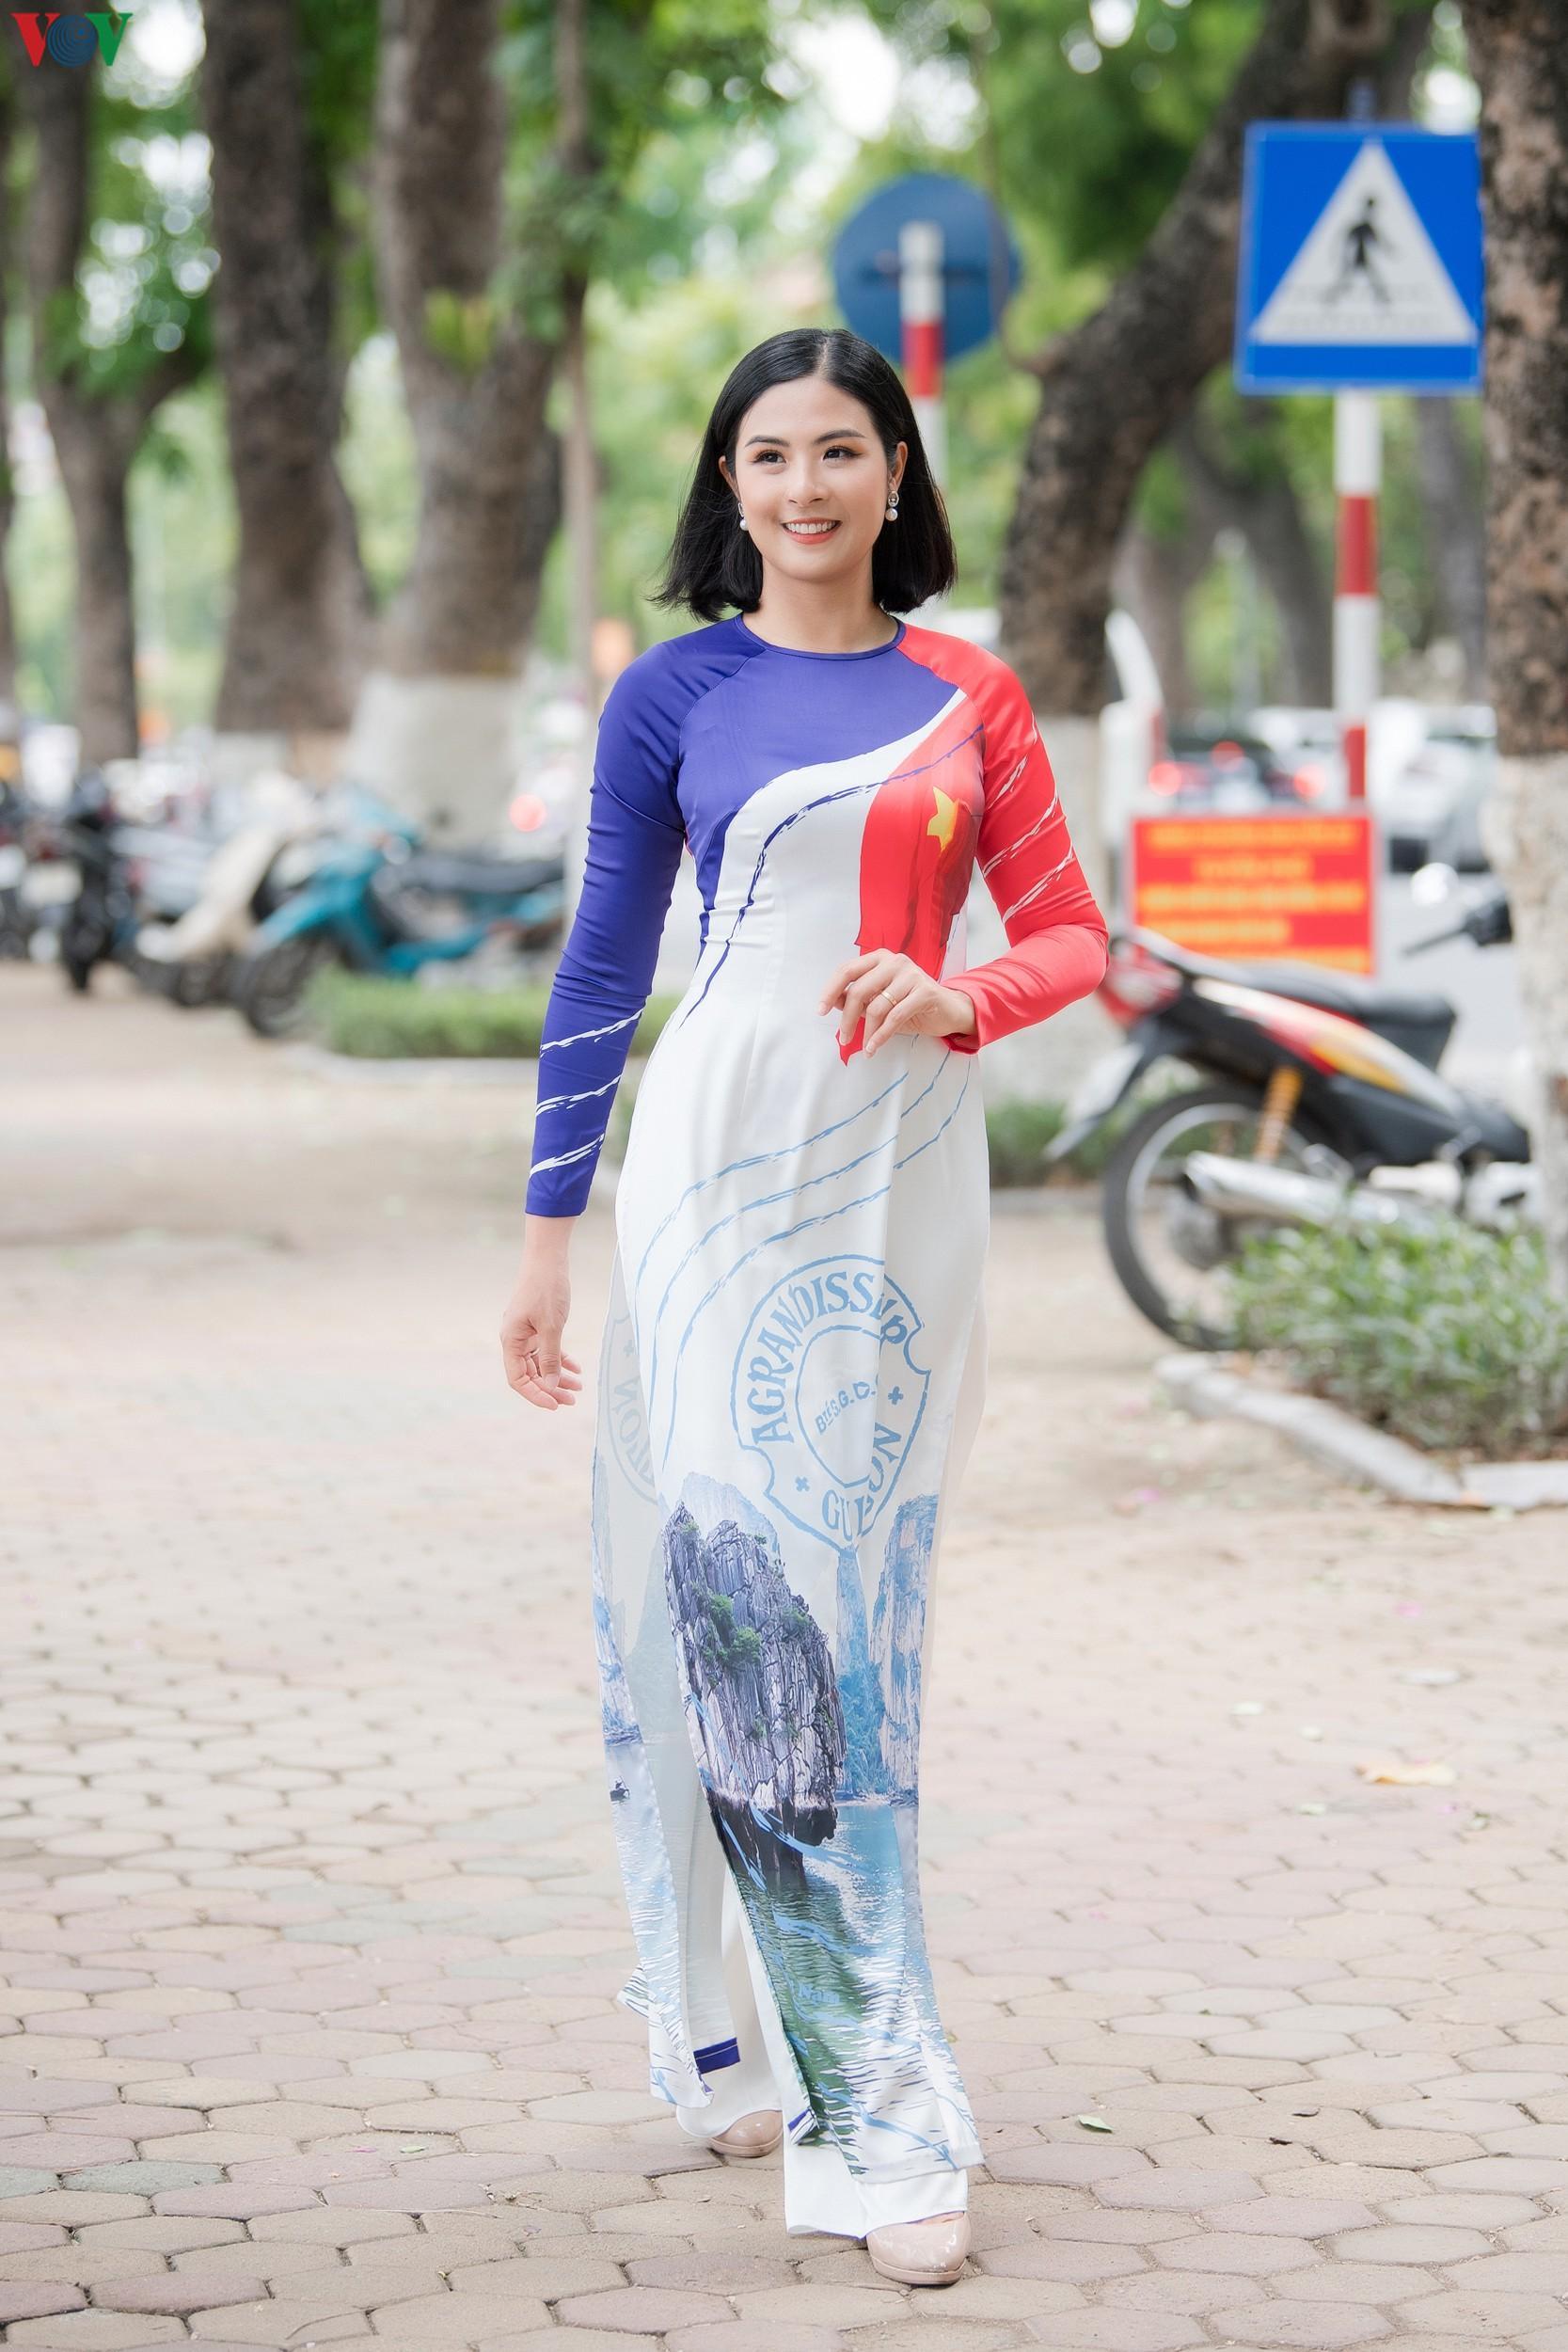 Hoa hậu Ngọc Hân, Đỗ Mỹ Linh đọ dáng với áo dài in hình biển đảo Ảnh 4